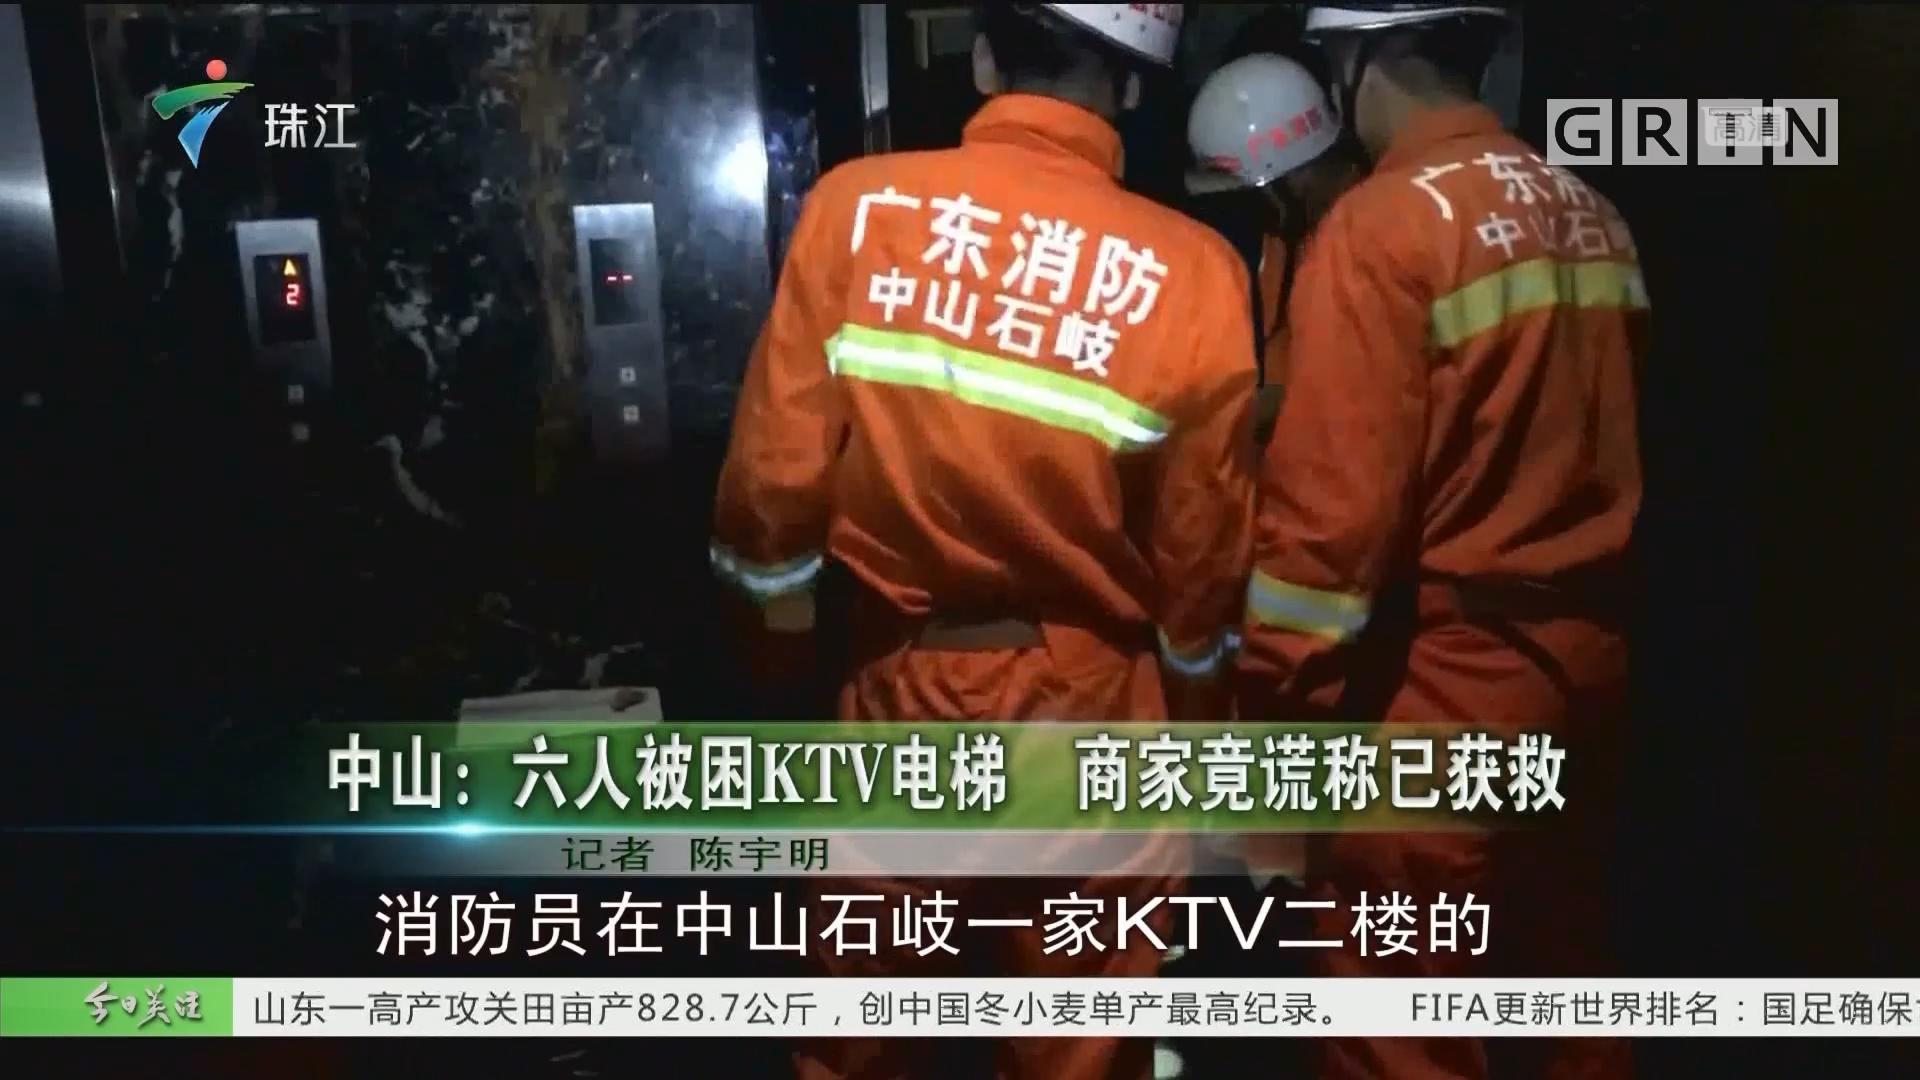 中山:六人被困KTV电梯 商家竟谎称已获救